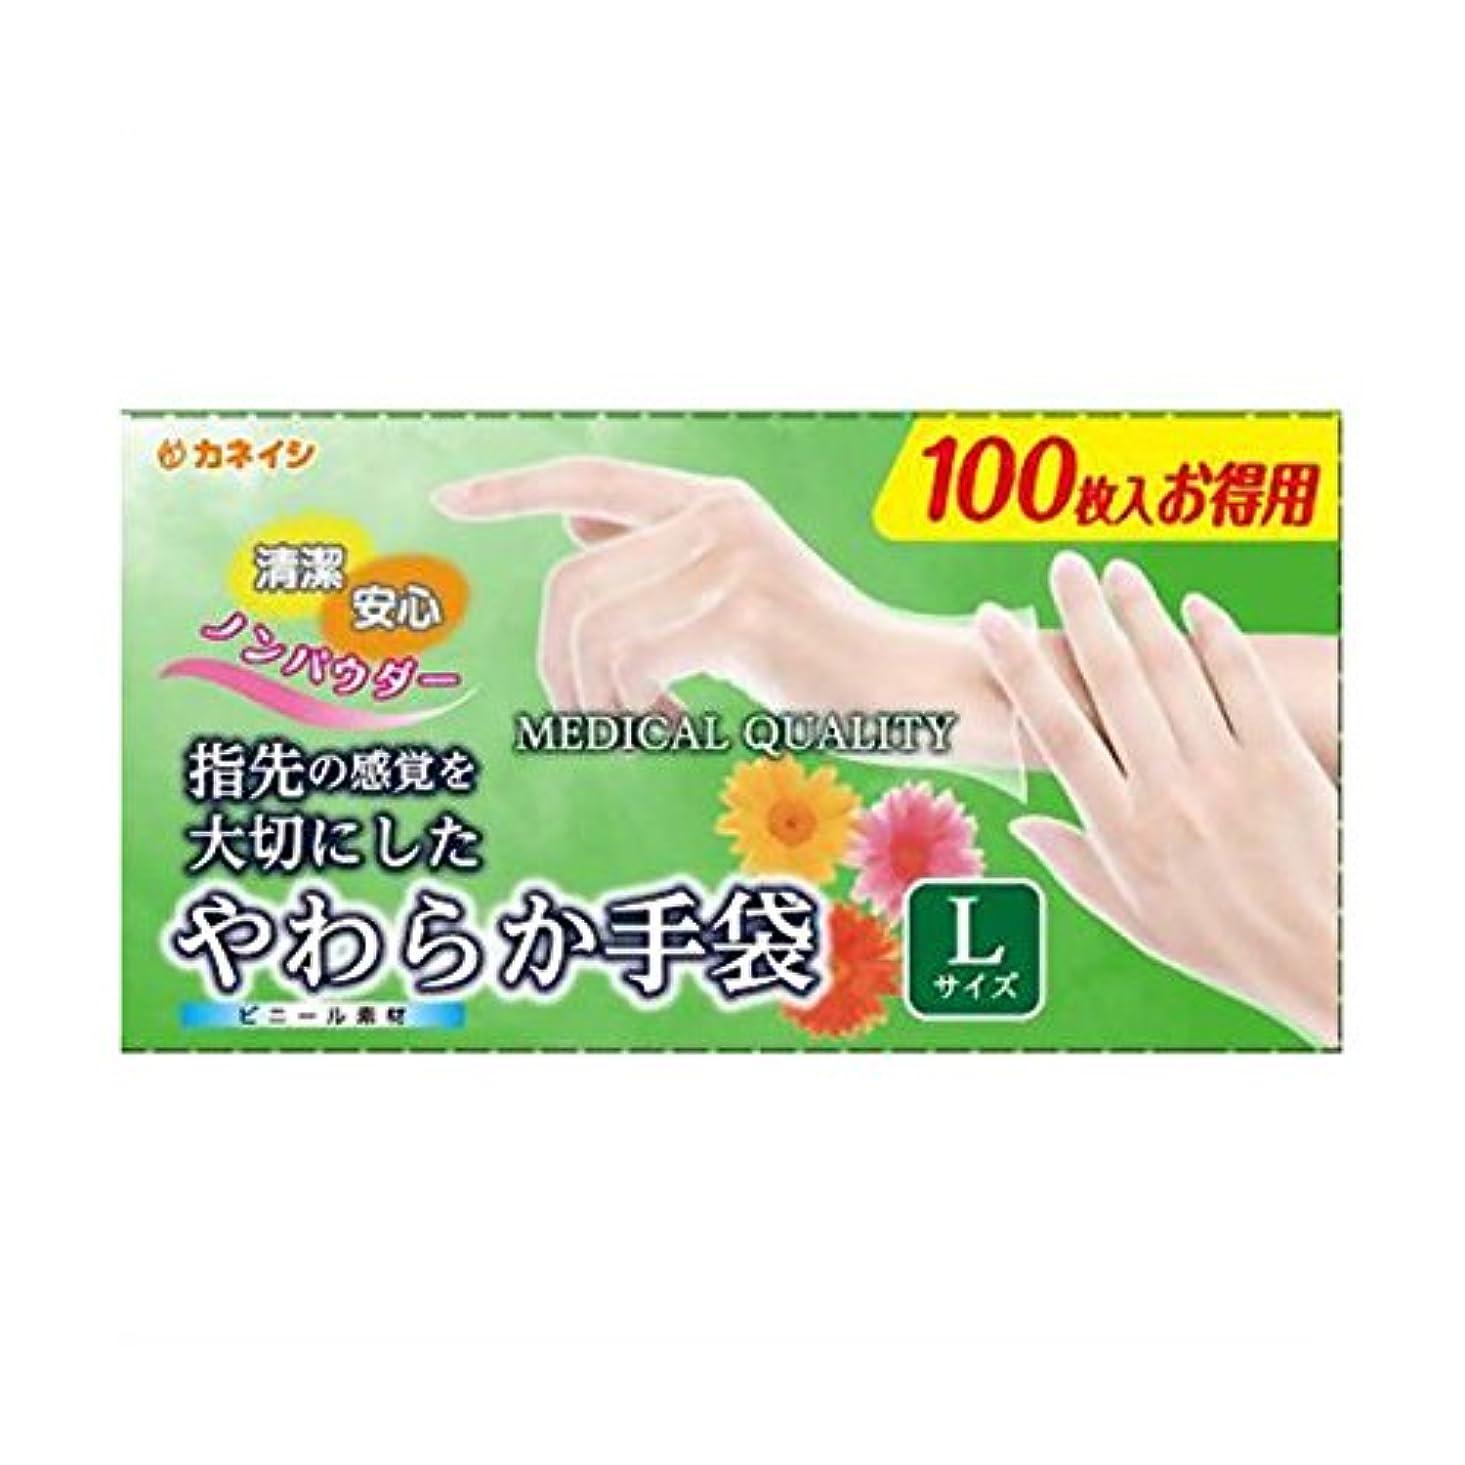 浮浪者引き出すしわやわらか手袋 ビニール素材 Lサイズ 100枚入x4